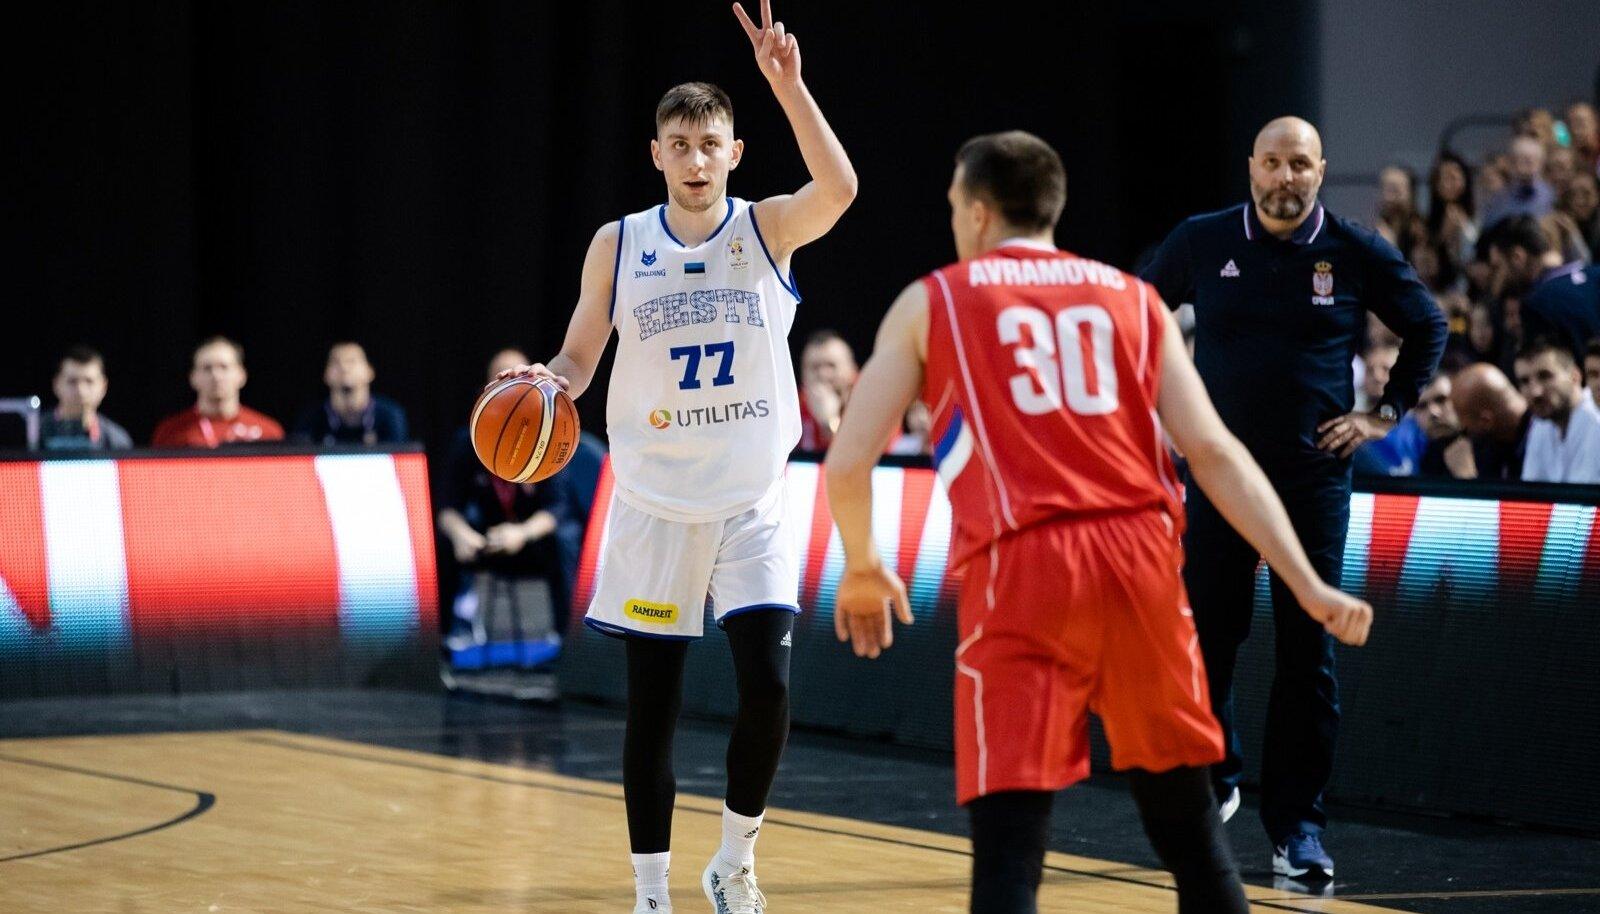 Eesti korvpallikoondis alistas Saku Suurhallis 2019 aasta MM-i valiksarjas Serbia 71 : 70.